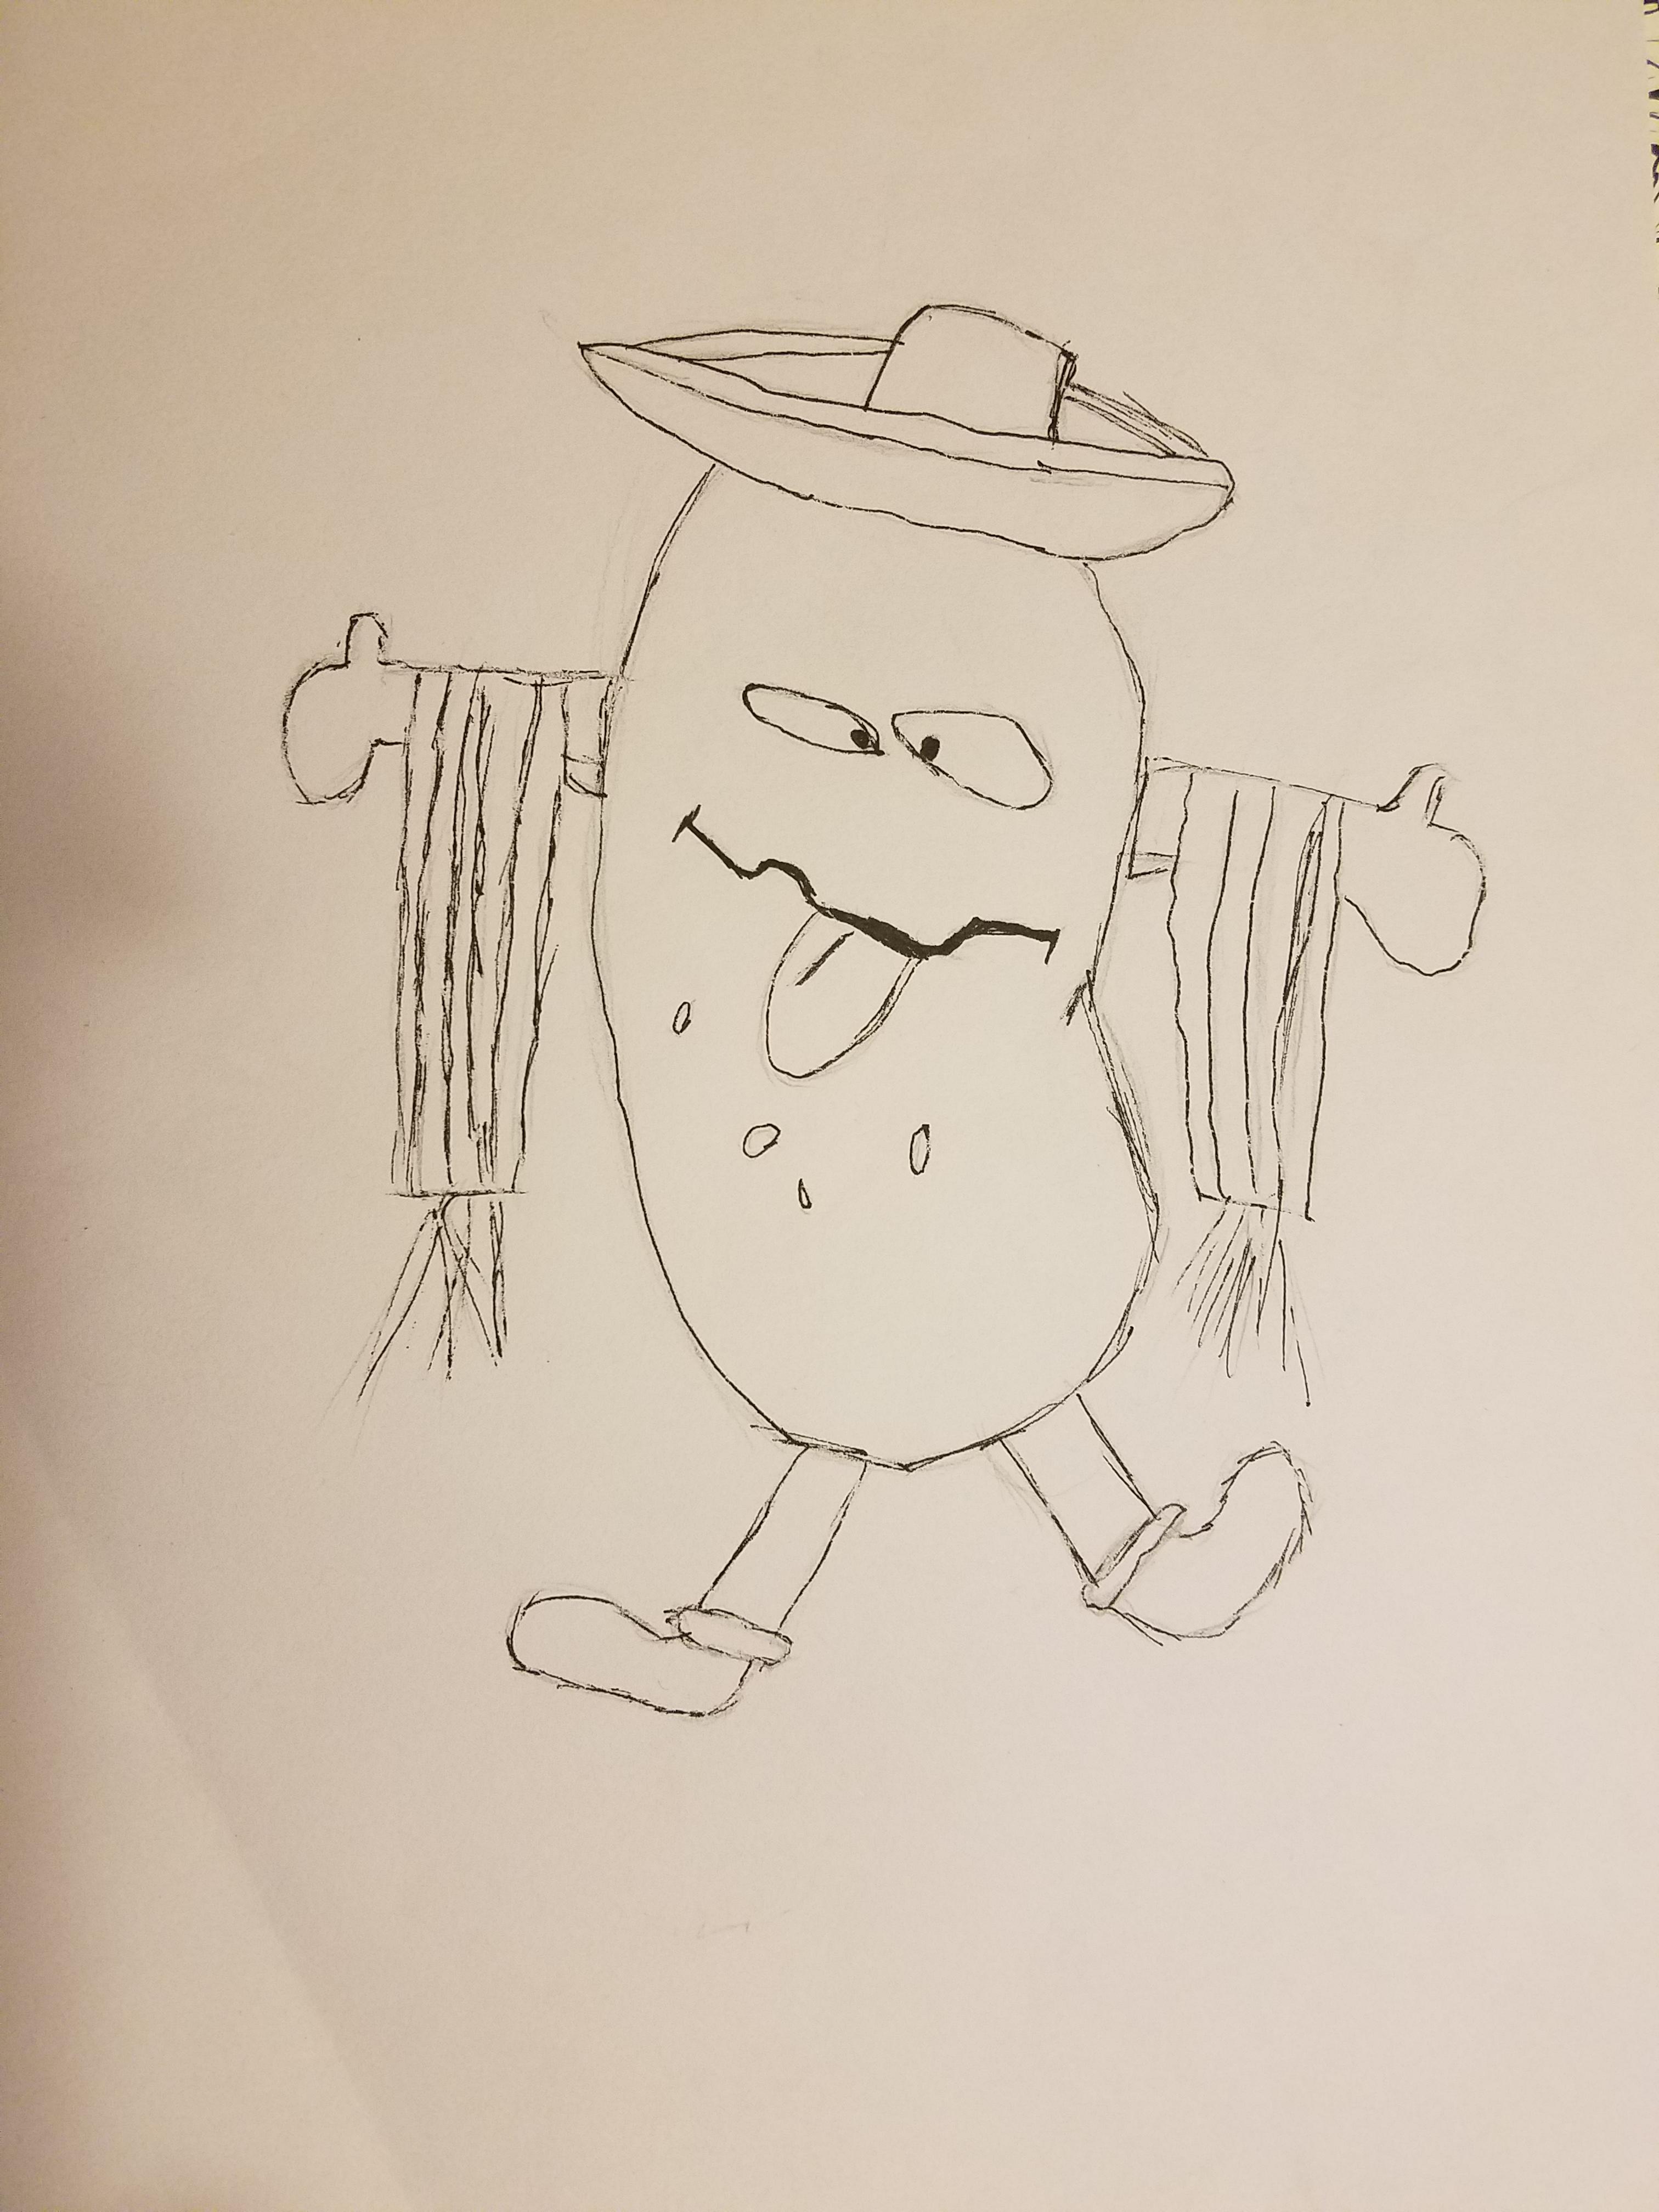 Señor Bean